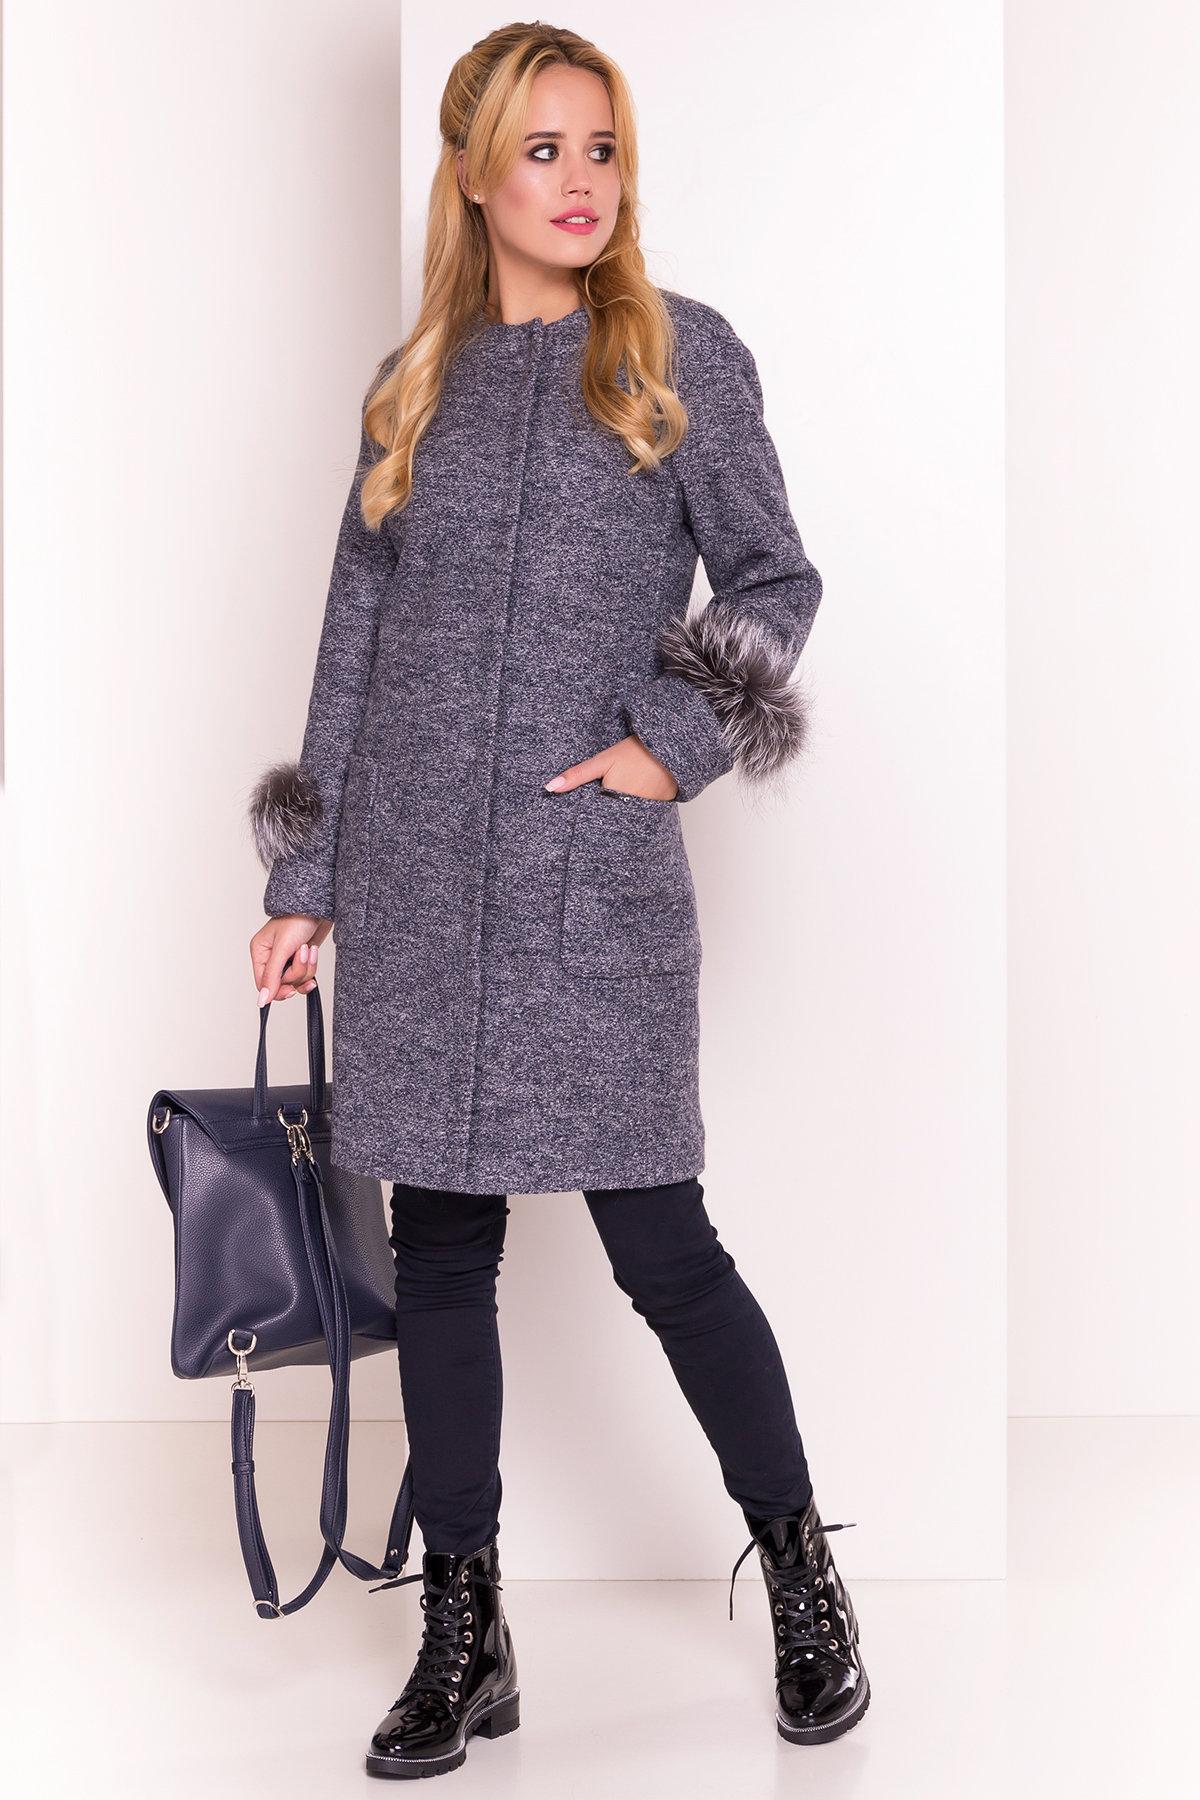 Пальто Кристина 5415 АРТ. 36566 Цвет: Серый темный LW-22 - фото 2, интернет магазин tm-modus.ru